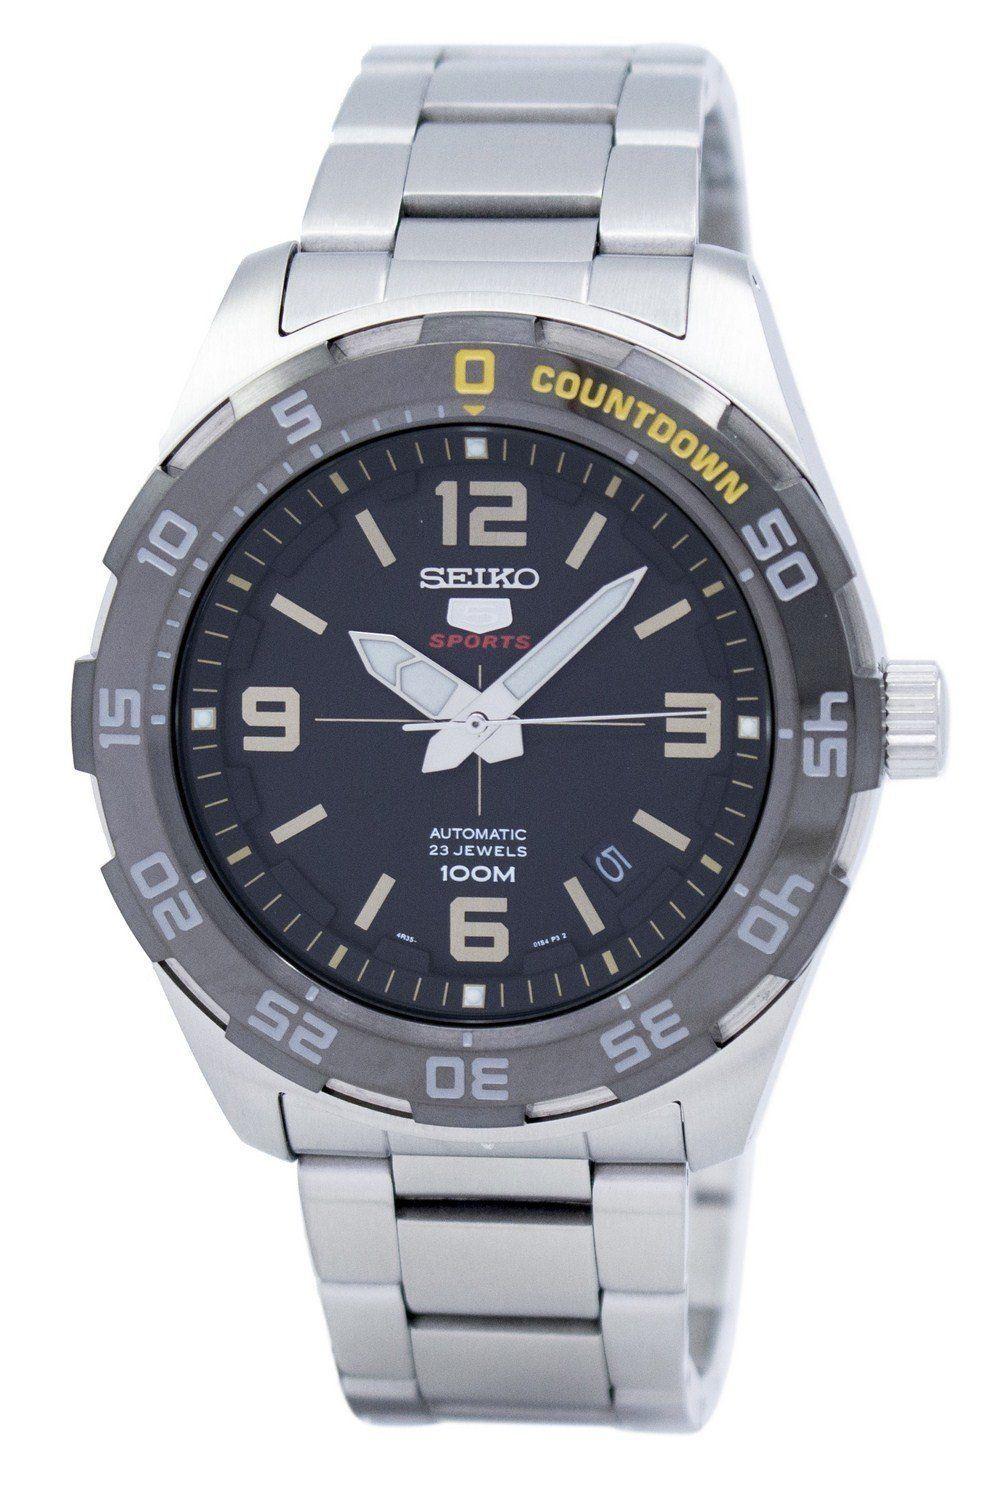 นาฬิกาผู้ชาย Seiko รุ่น SRPB83K1, Seiko 5 Sports Automatic